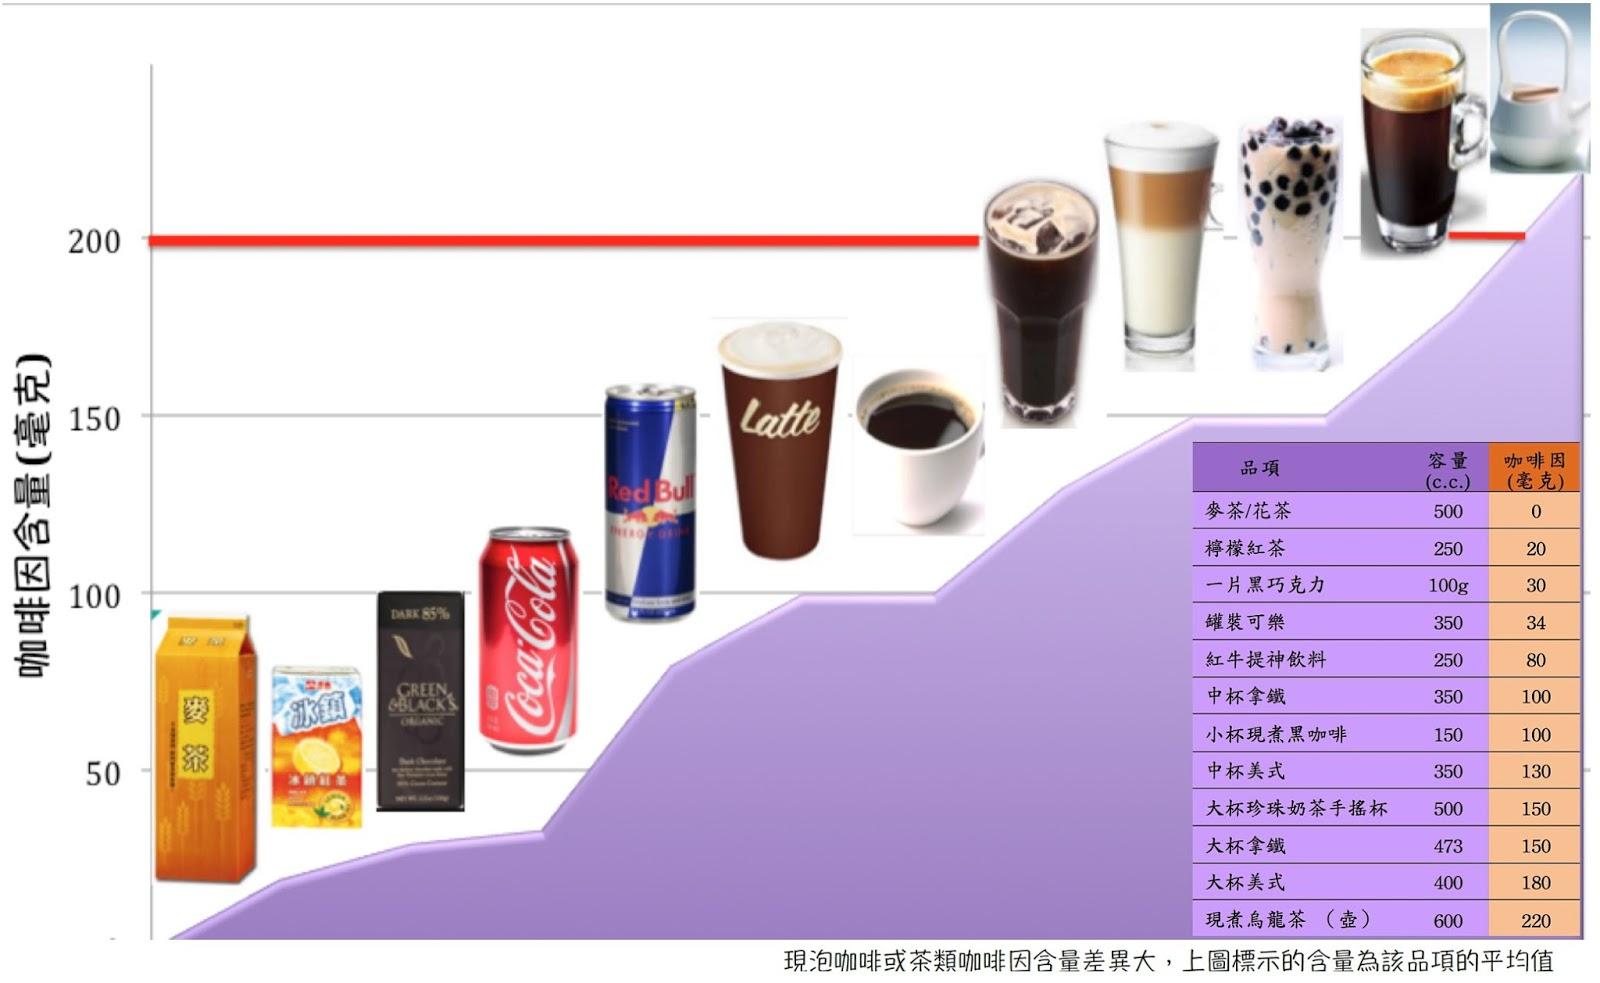 Coffee or Tea 孕婦能喝咖啡嗎?   木生婦產科診所部落格